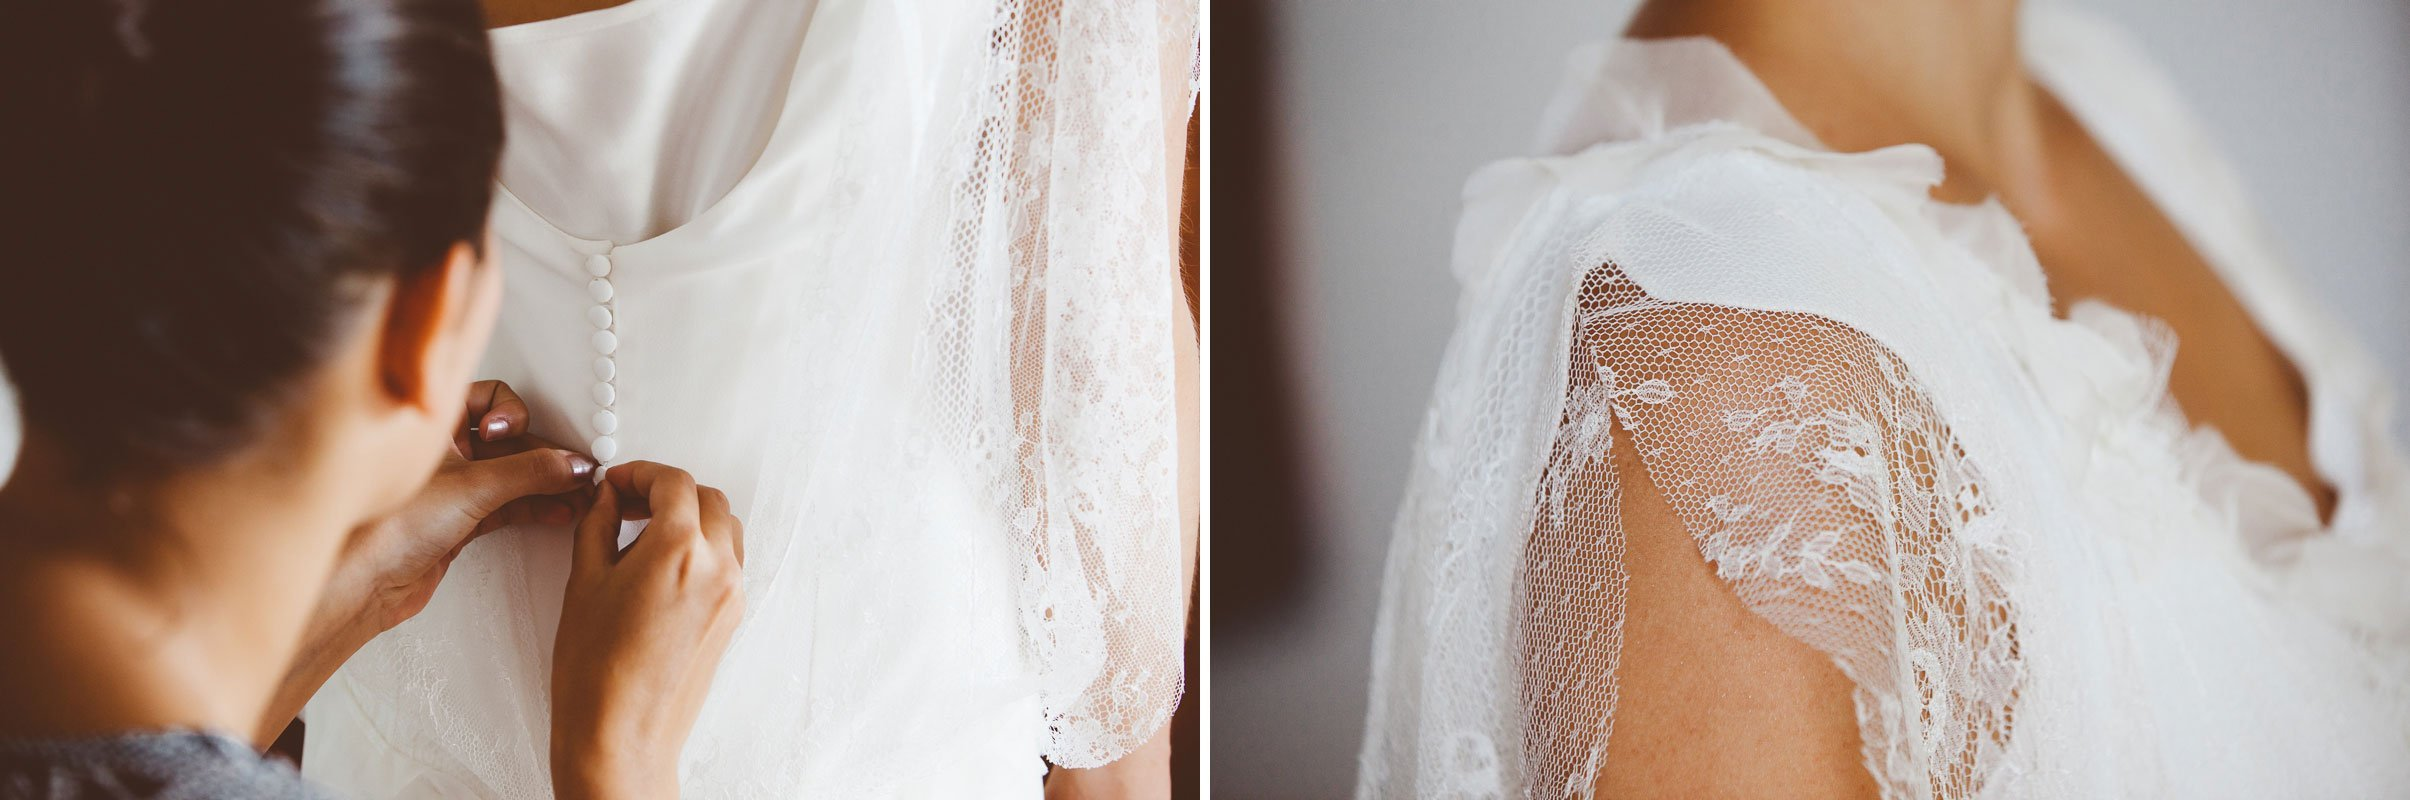 details of a wedding dress